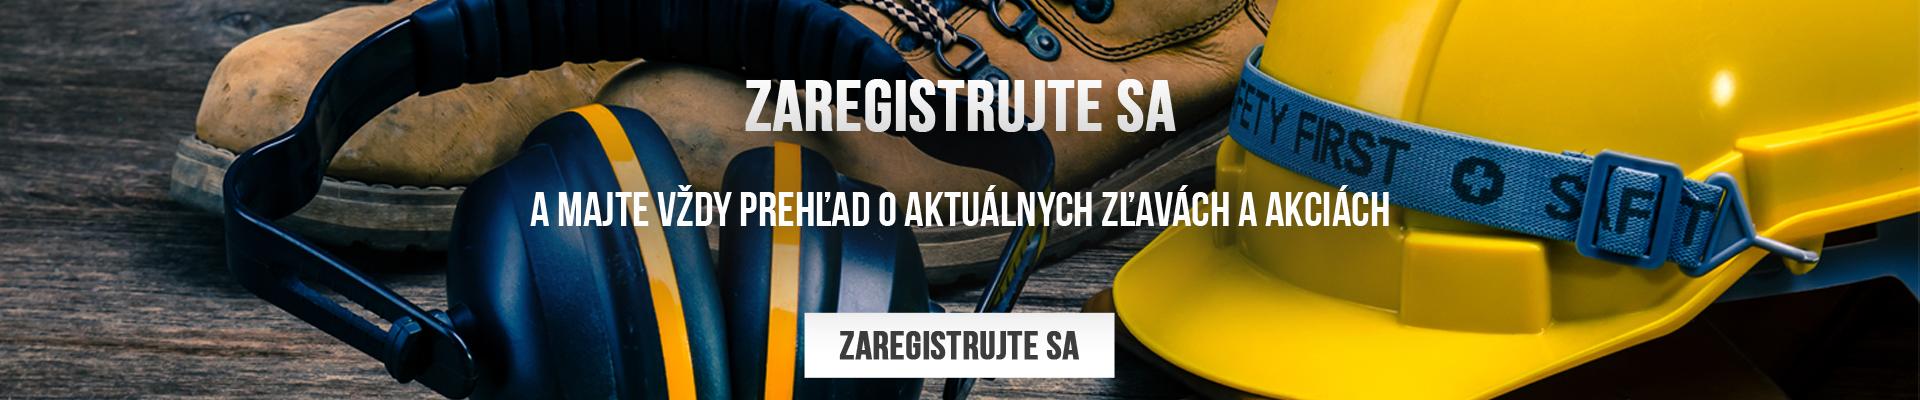 banner-dolny-newsletter-2B